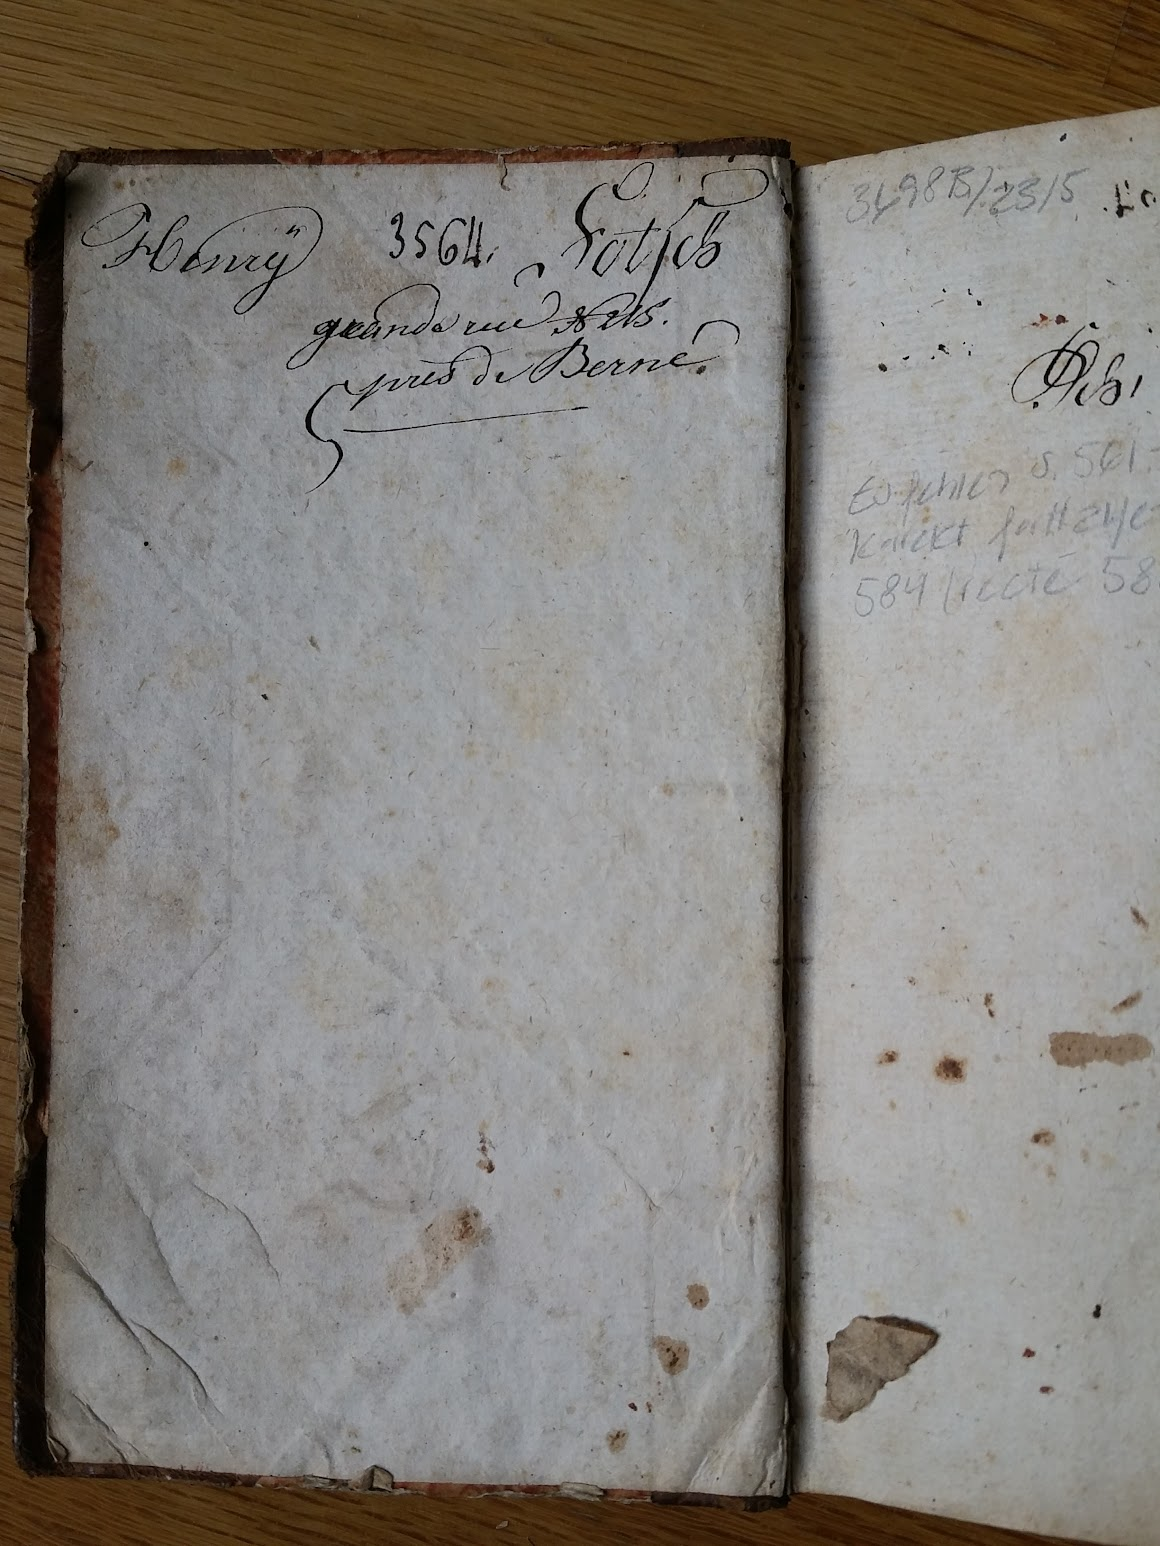 Johann Martin Miller - Briefwechsel dreyer akademischer Freunde - Band I (1778) - Band II (1779)